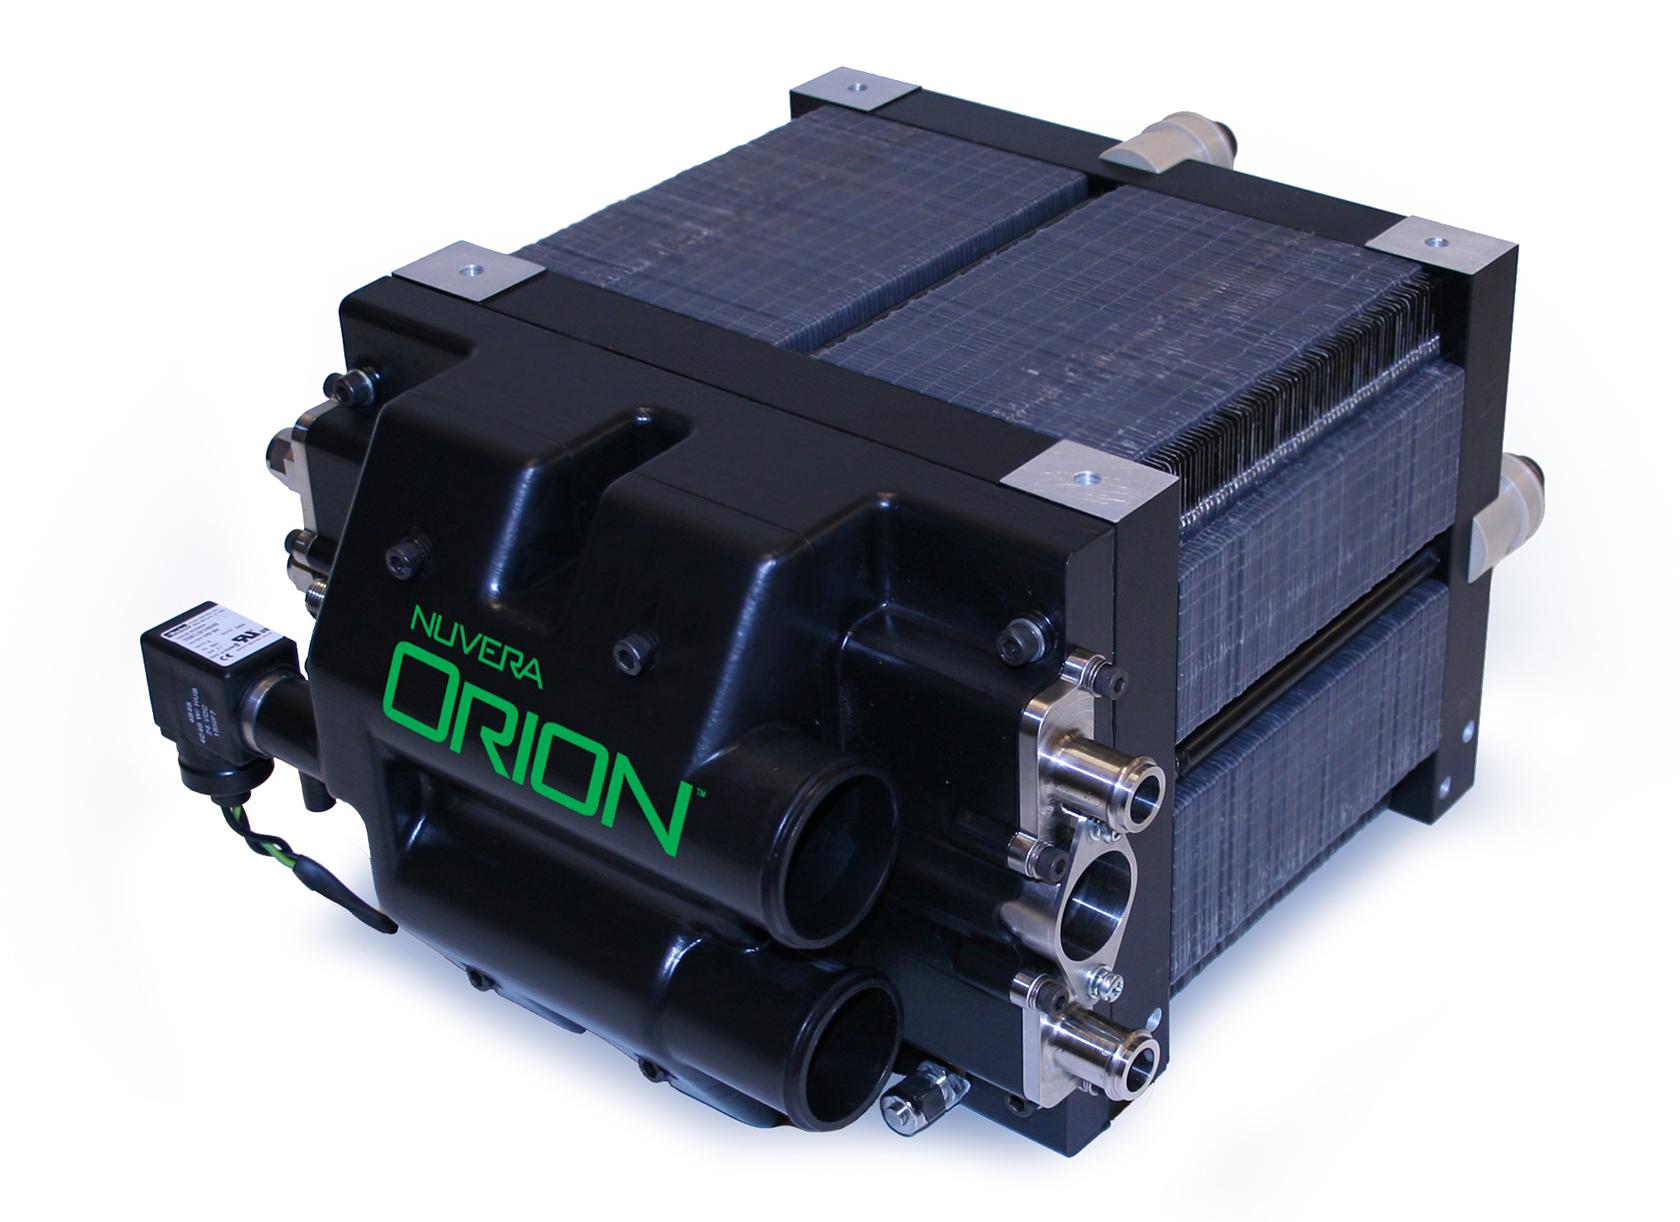 HYBRID Energy Cell thiết bị chuyển đổi năng lượng tự nhiên thành nhiên liệu động cơ